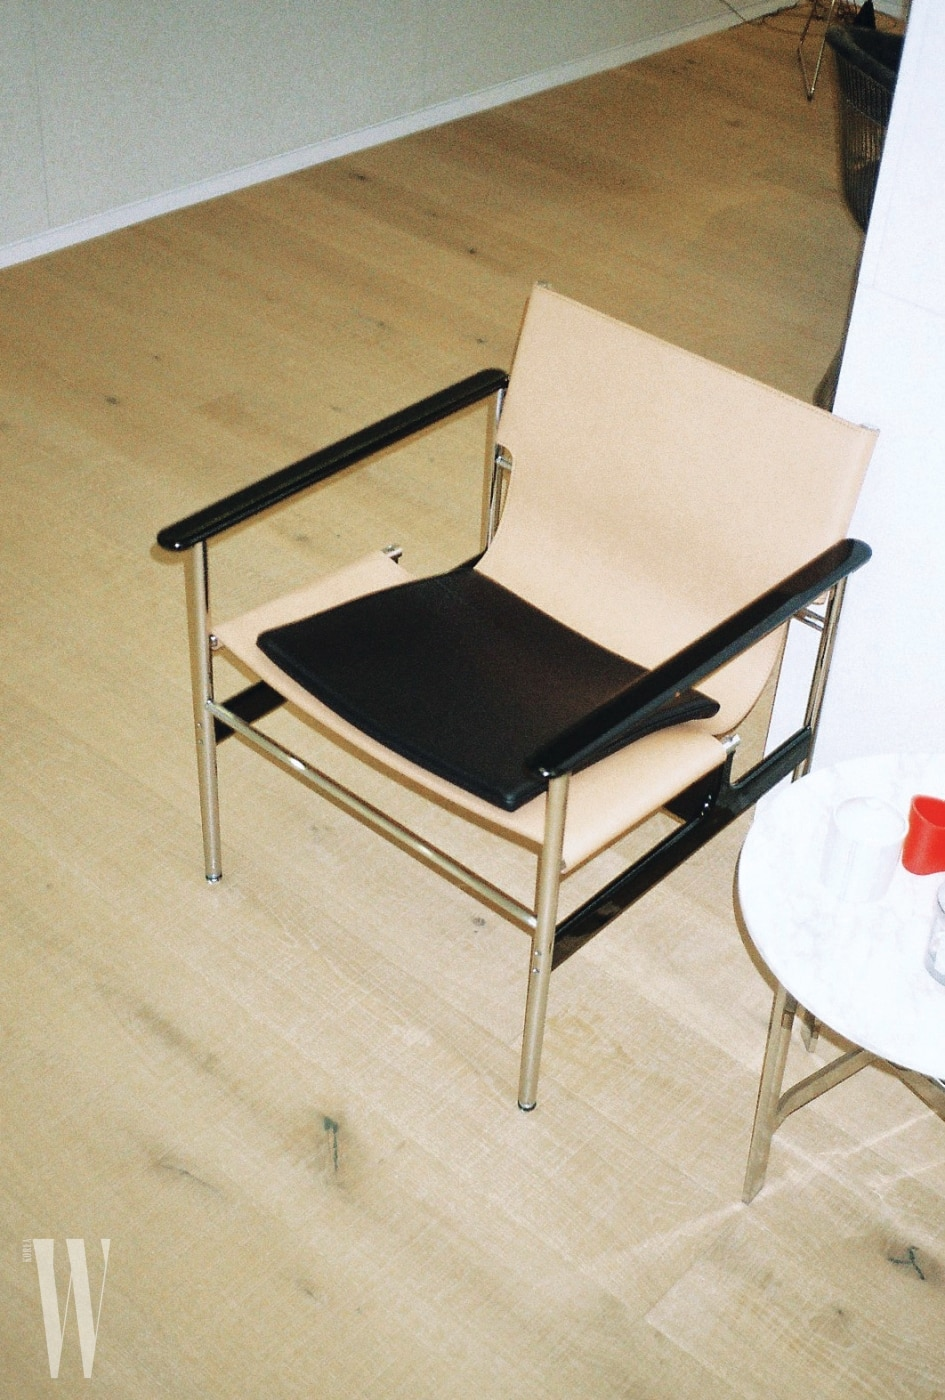 가구 편집숍 두오모에서 최근에 구입한 의자.